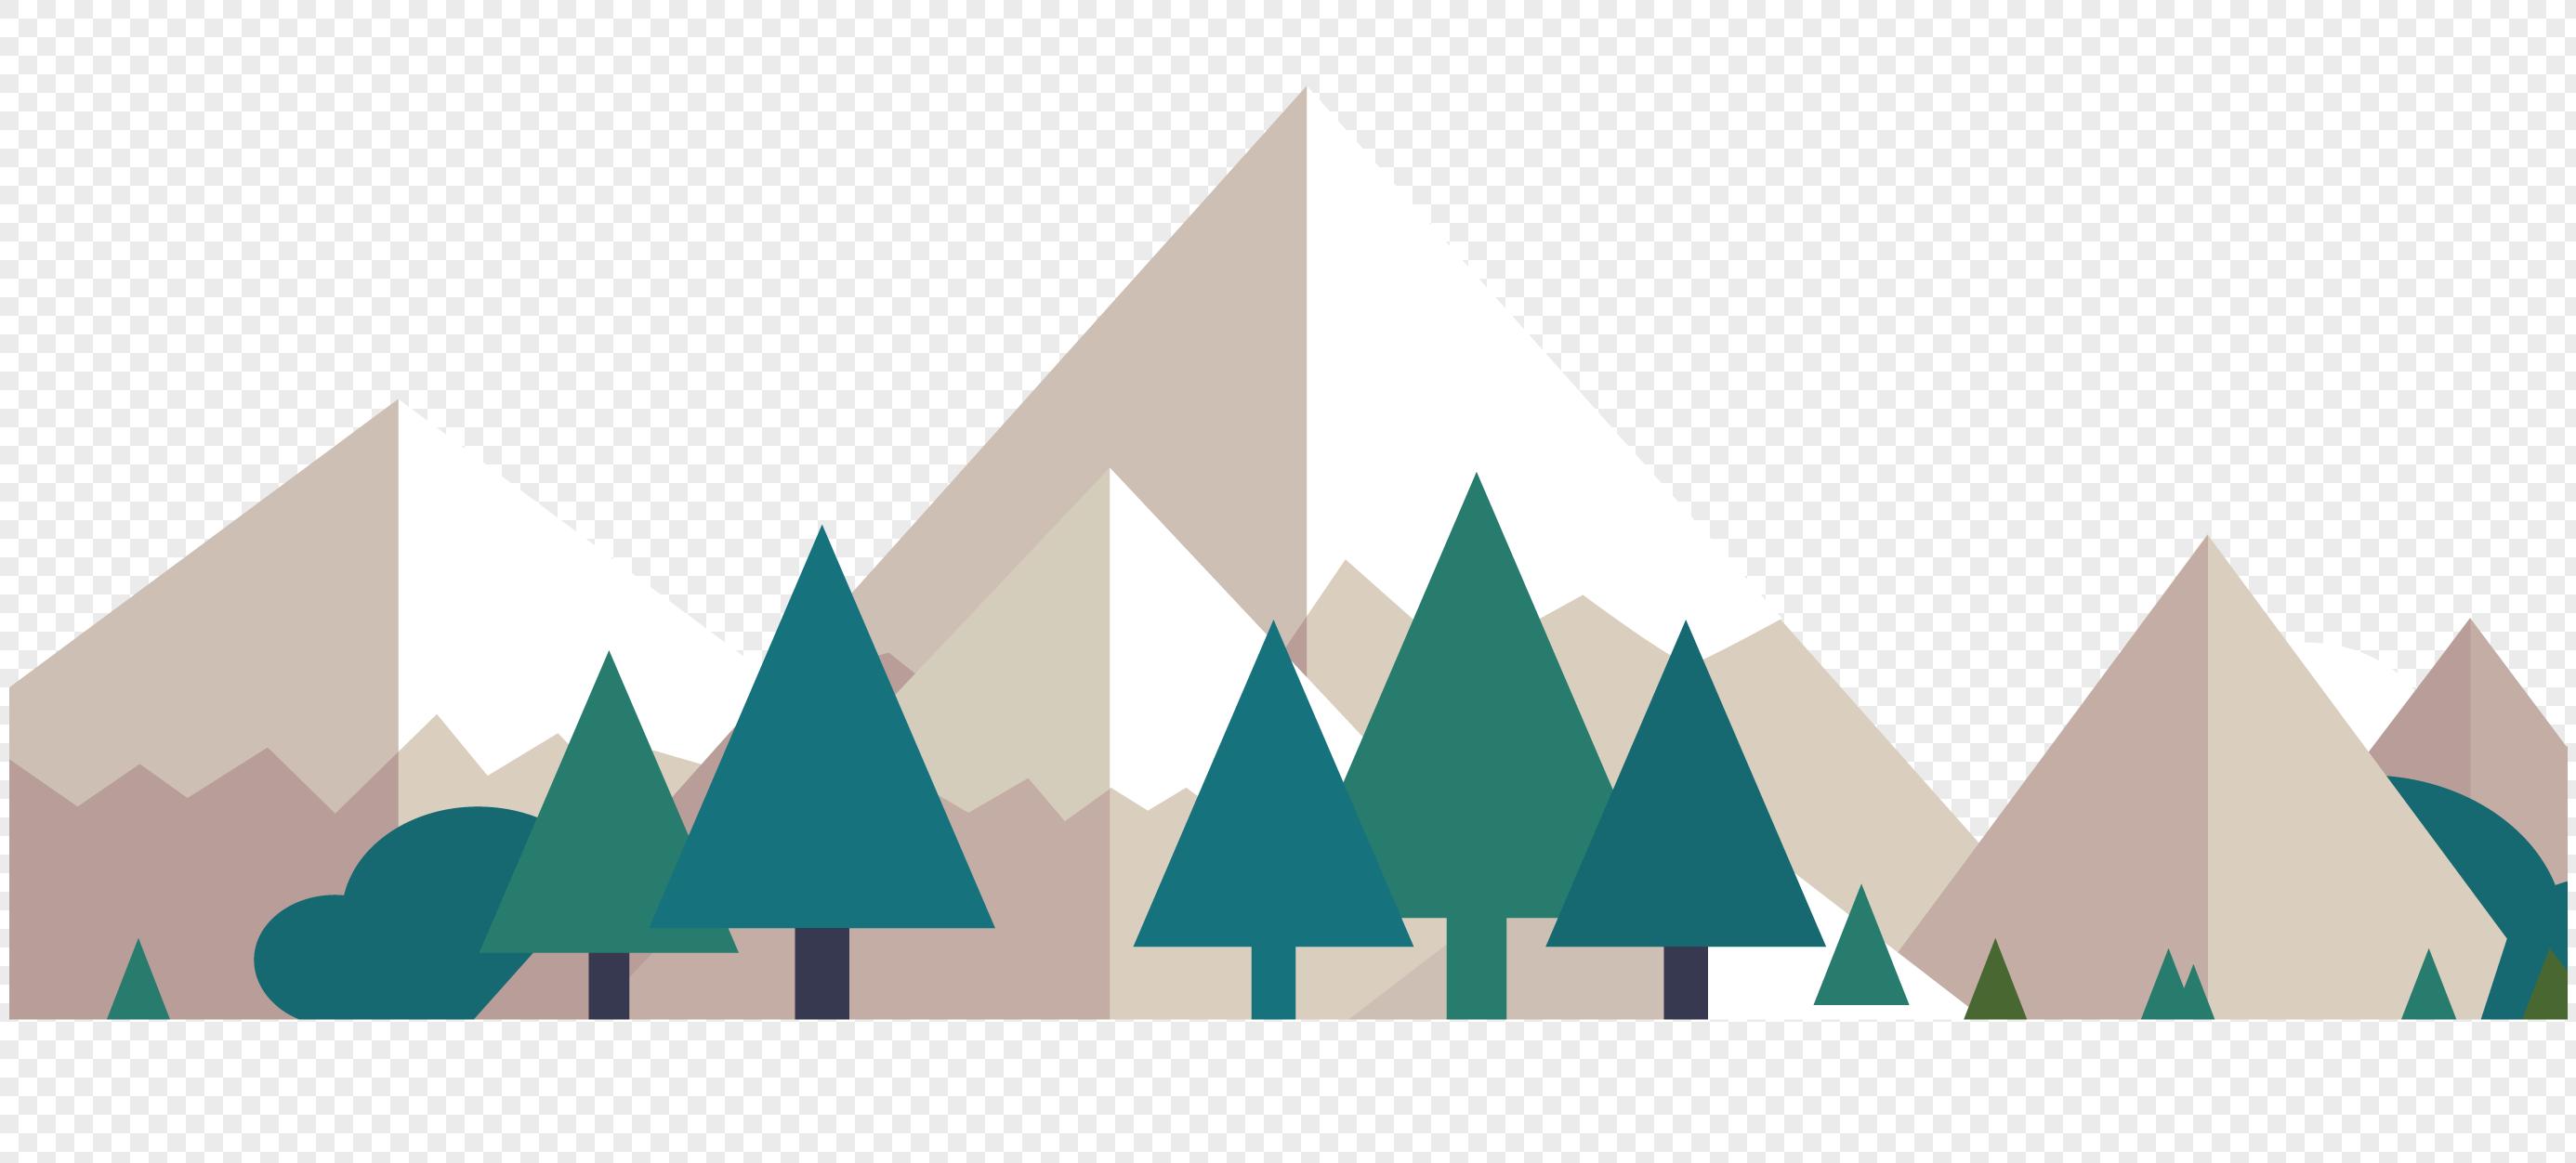 大山风景元素素材格式_设计素材免费下载_vrf高清图片